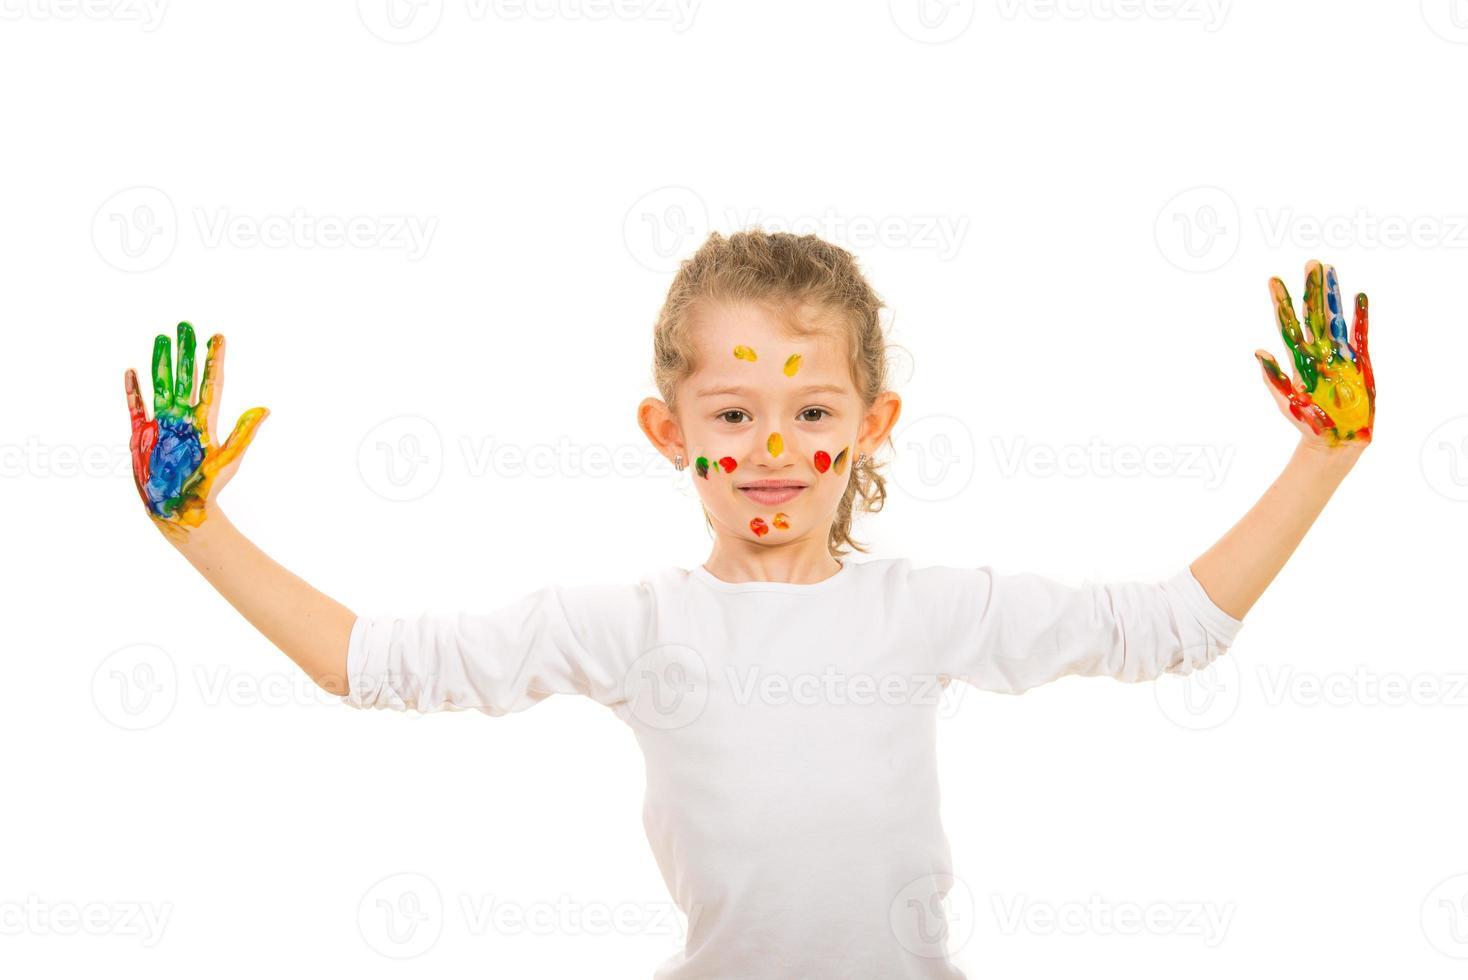 garota feliz mostrando as mãos pintadas foto